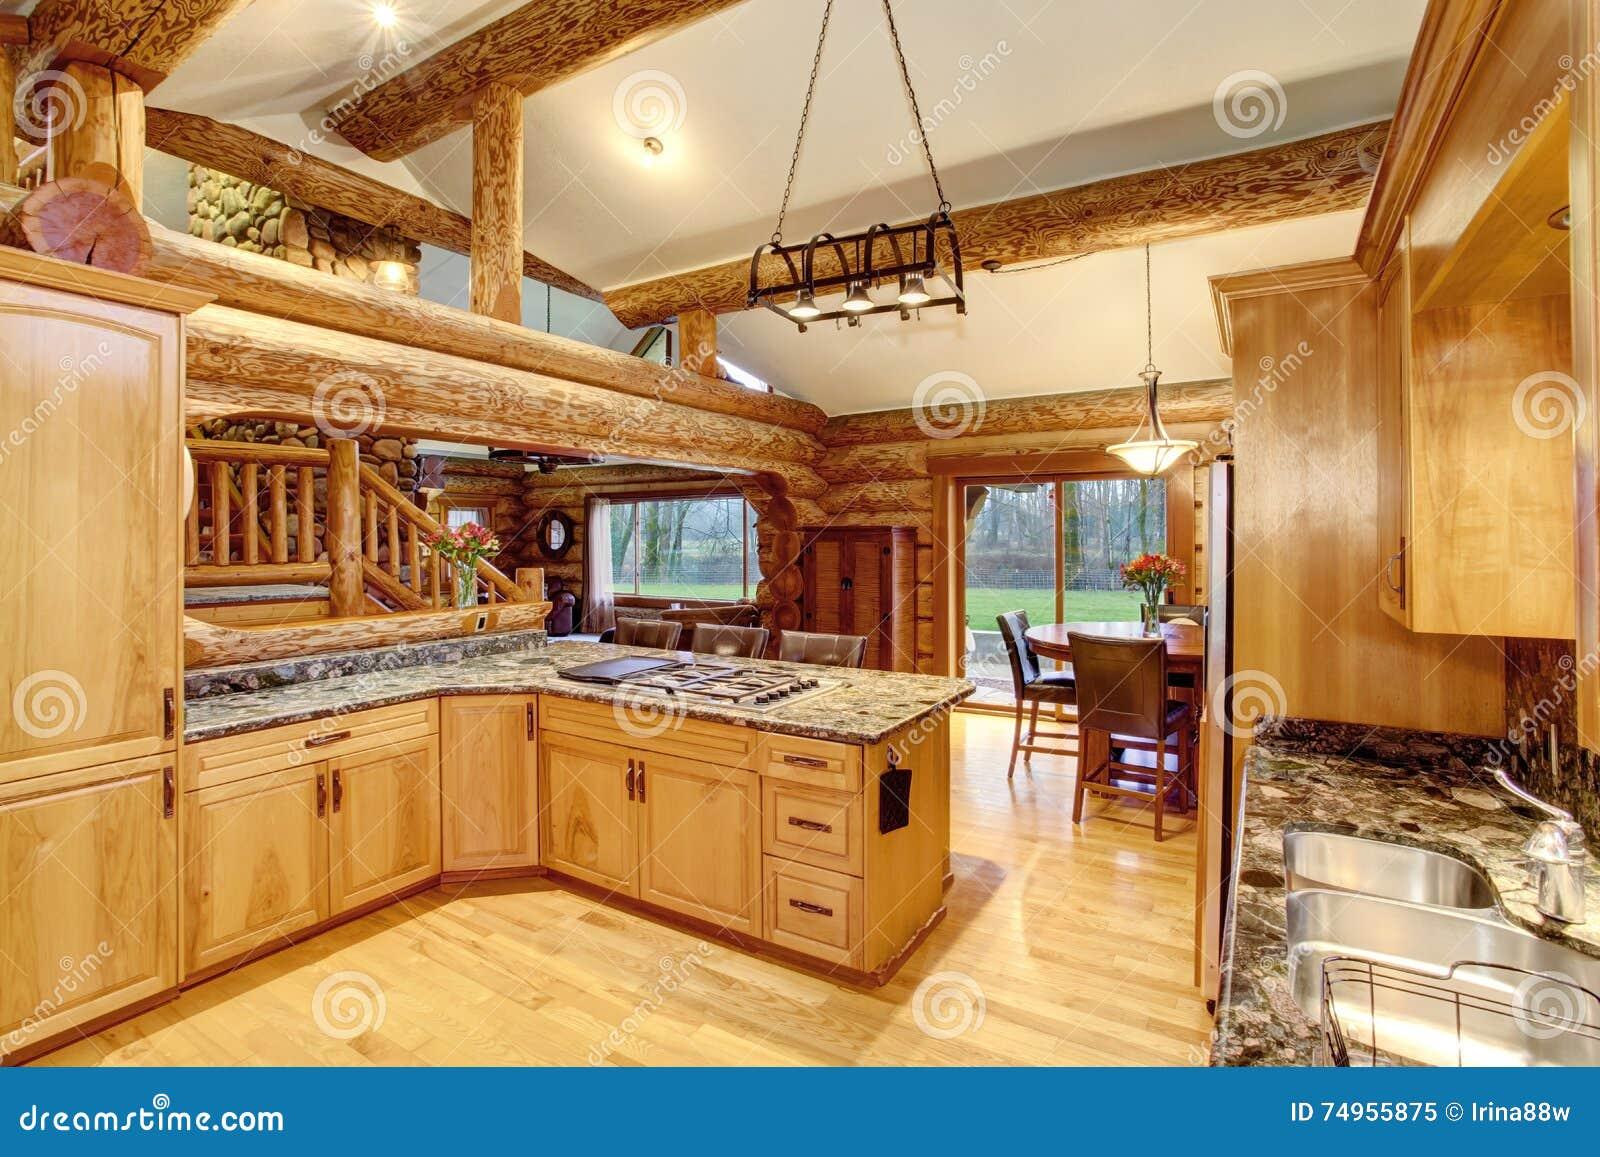 Dise os de gabinetes de cocina en madera casa dise o for Disenos de gabinetes de cocina en madera